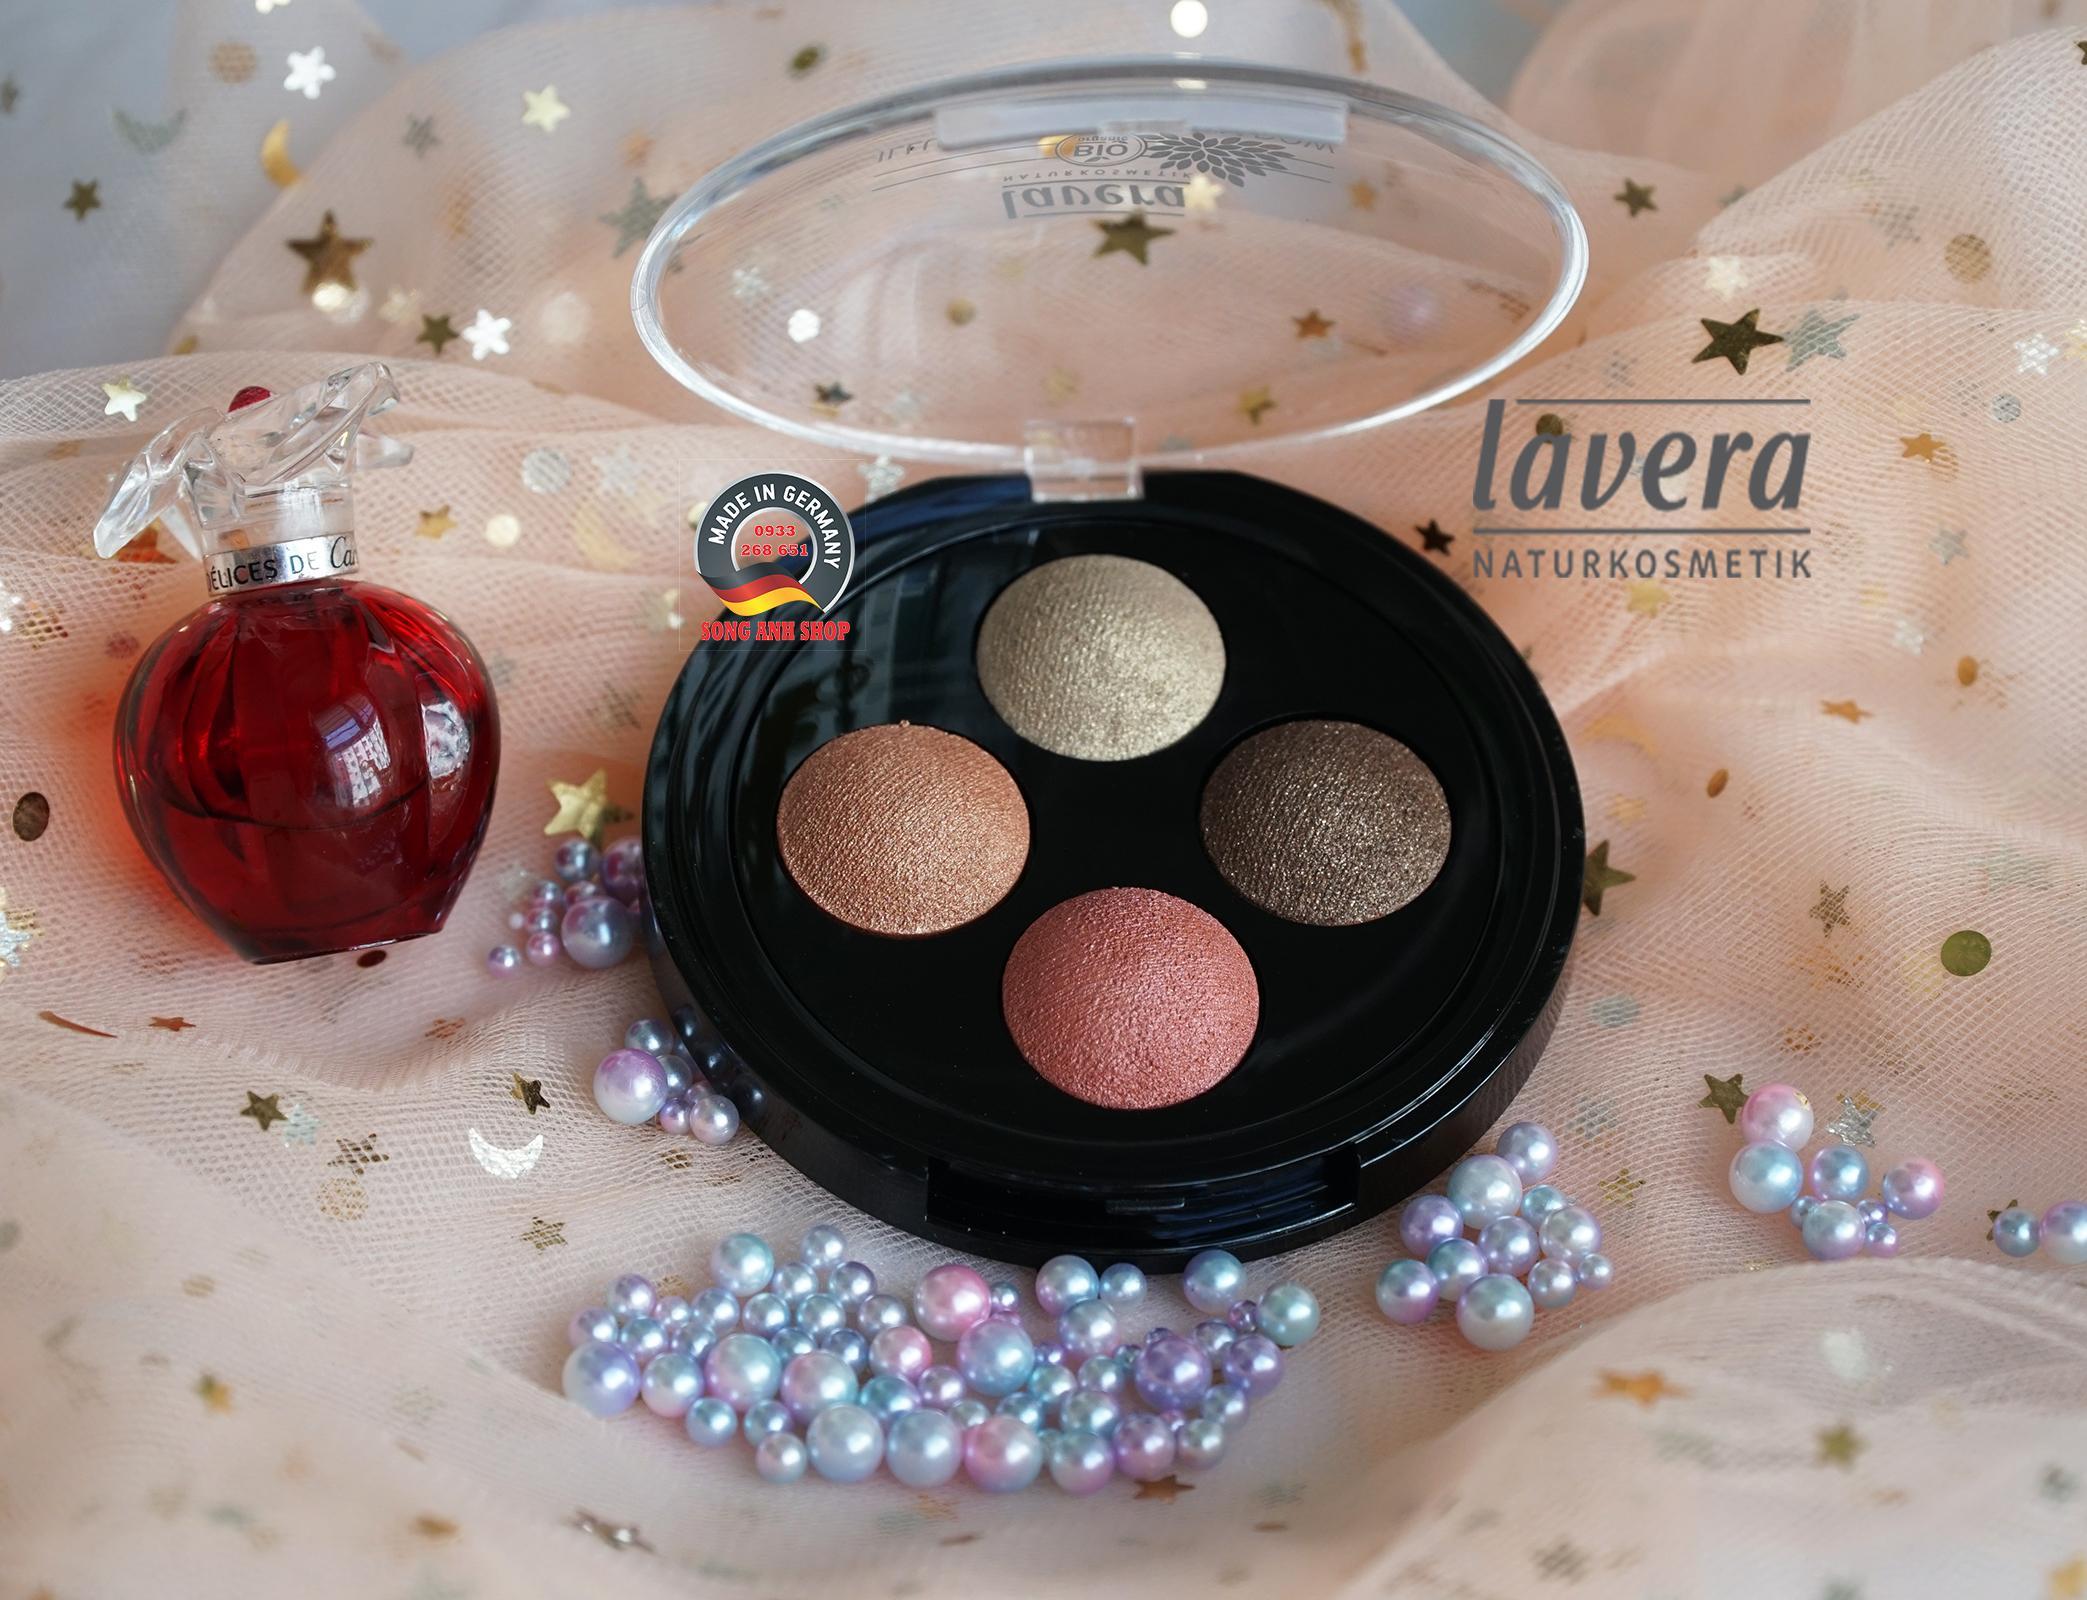 Phấn Mắt hữu cơ 4 màu Lavera số 03 Indian Dream nhập khẩu